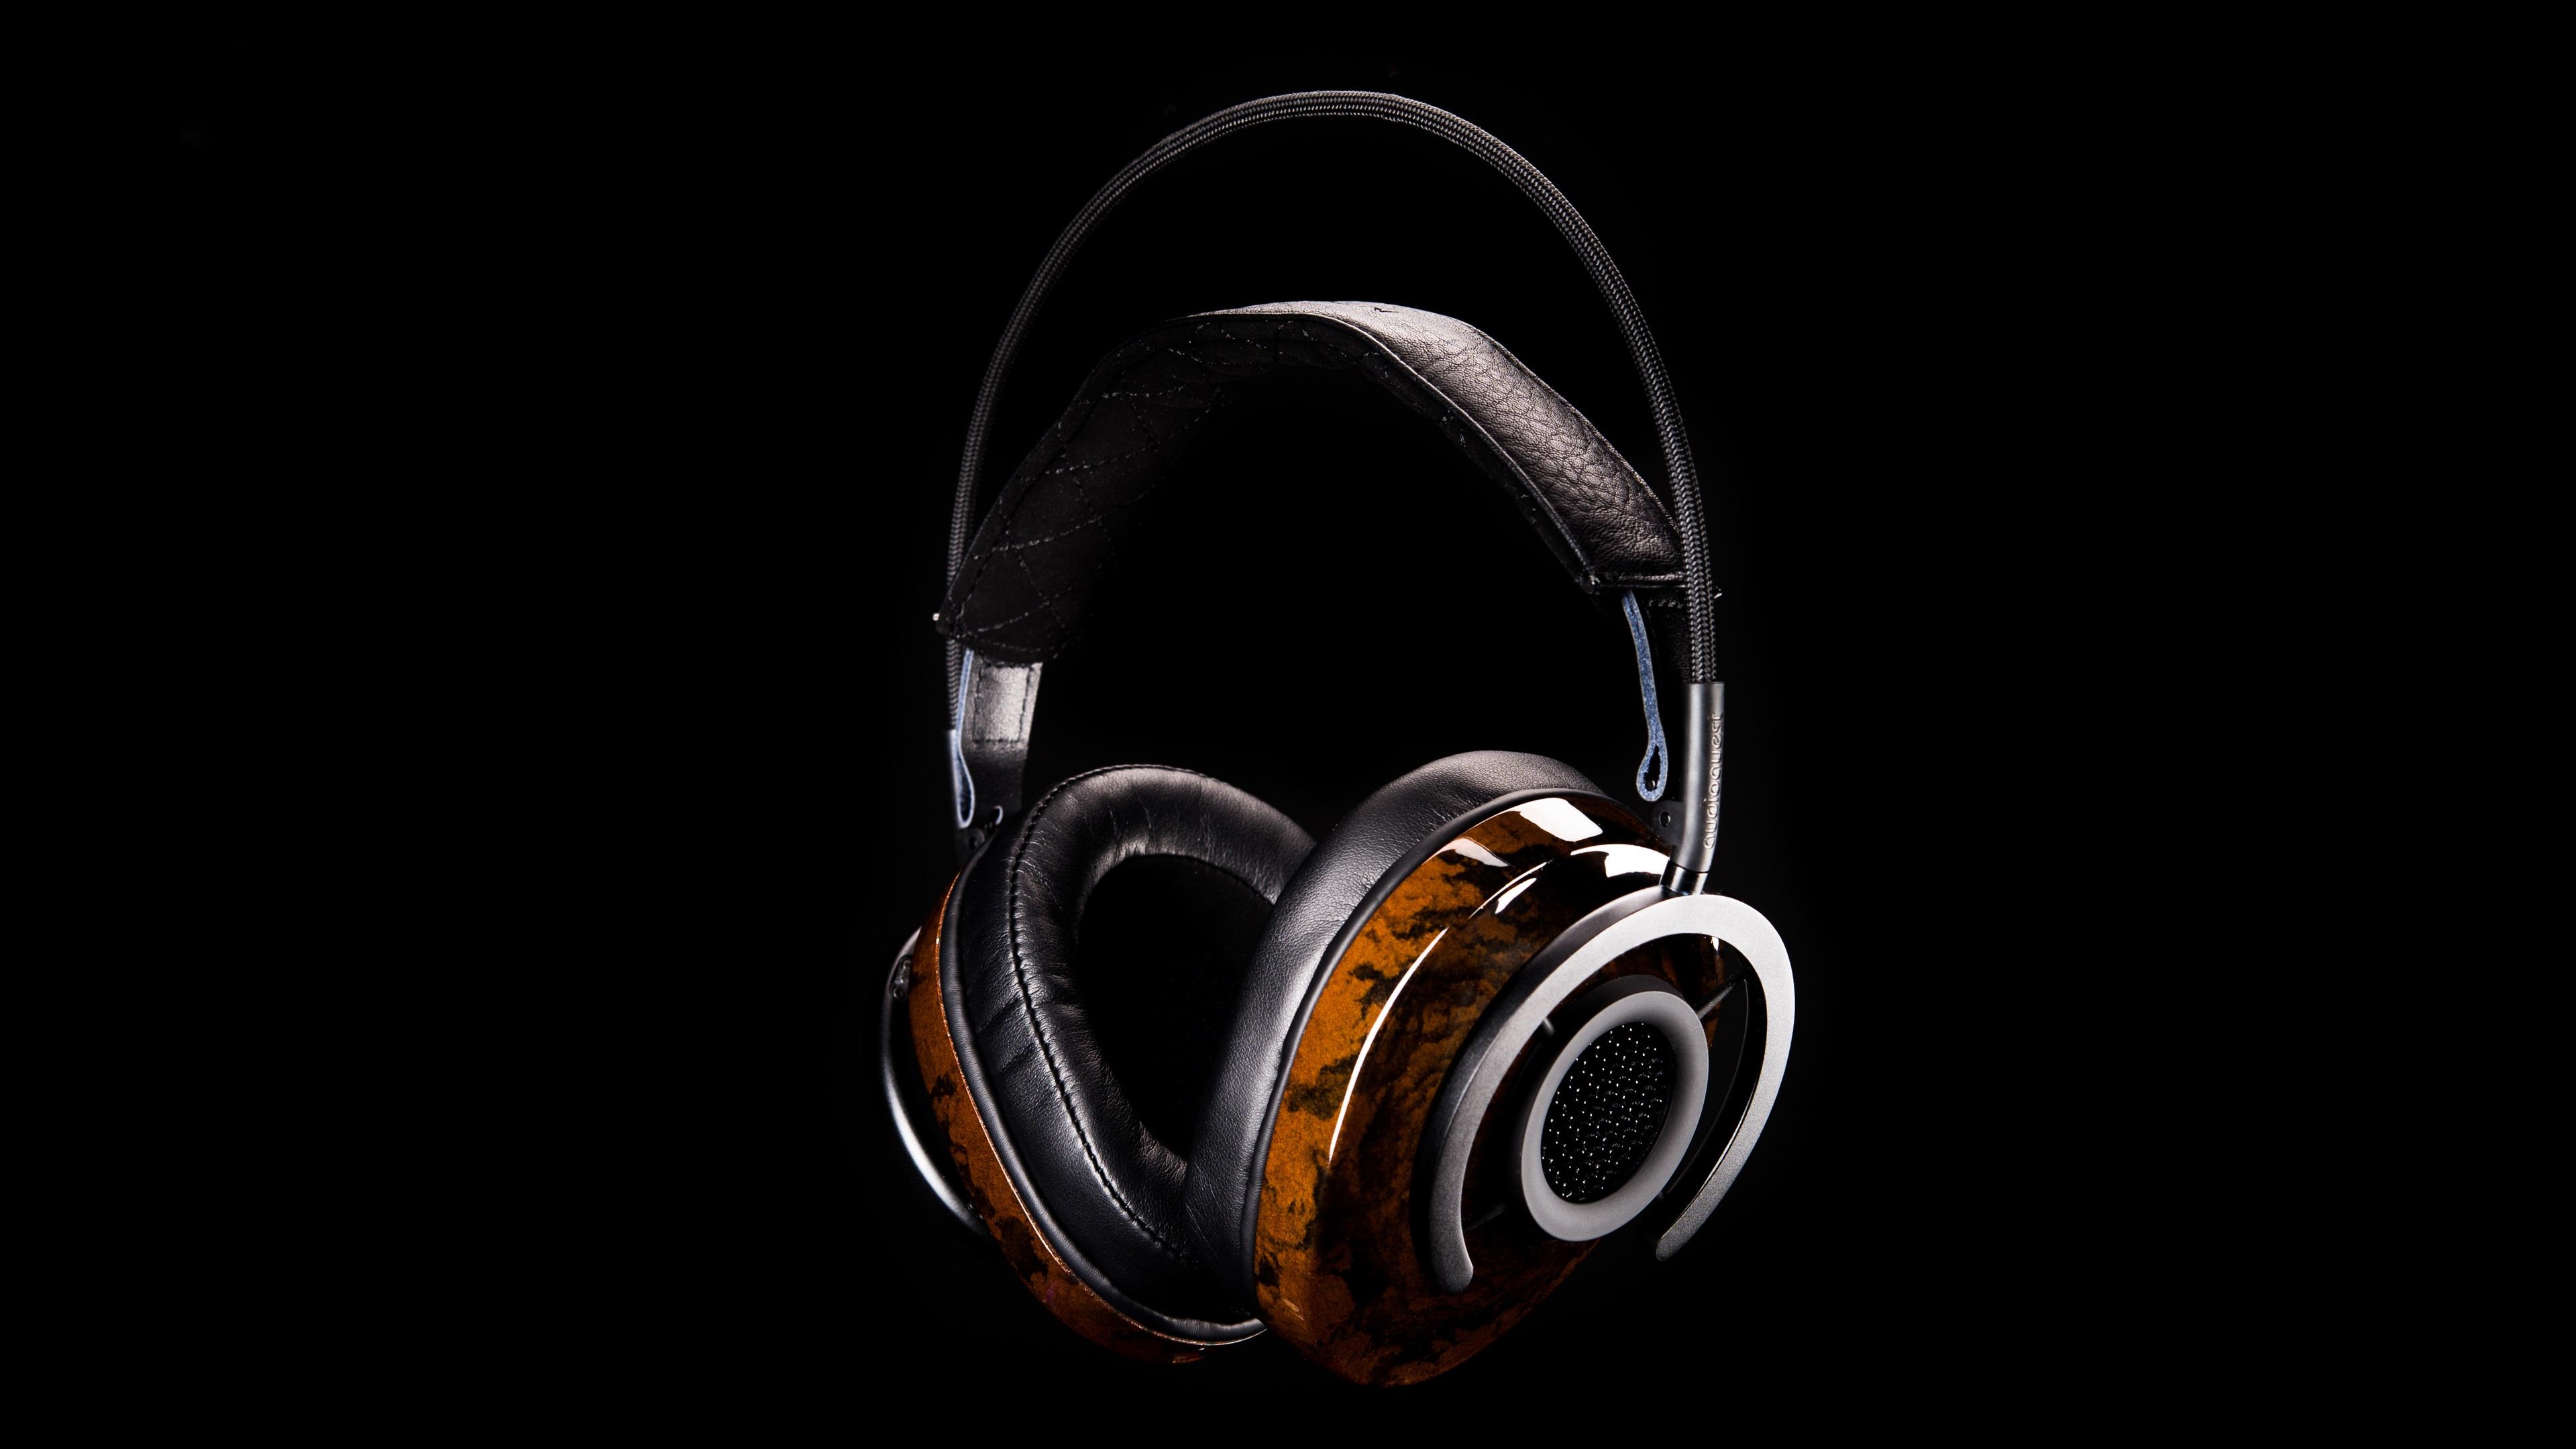 Fonds Décran Casque Audio Audio Fond Noir 3840x2160 Uhd